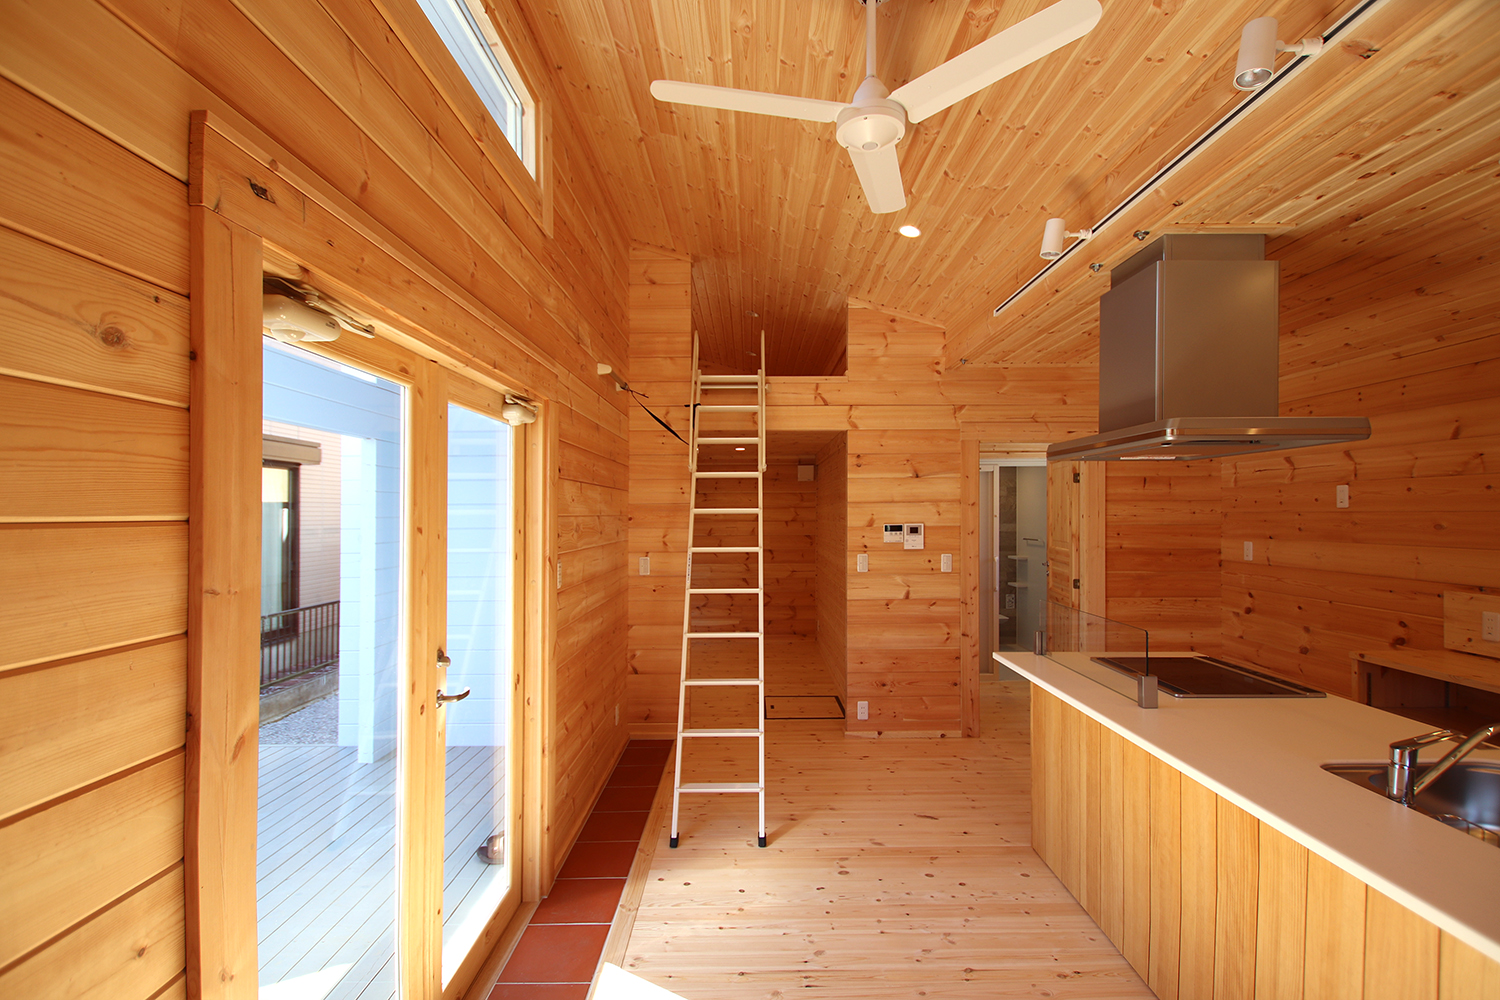 片流れ屋根のログハウス(上部を活用したロフトスペース1)